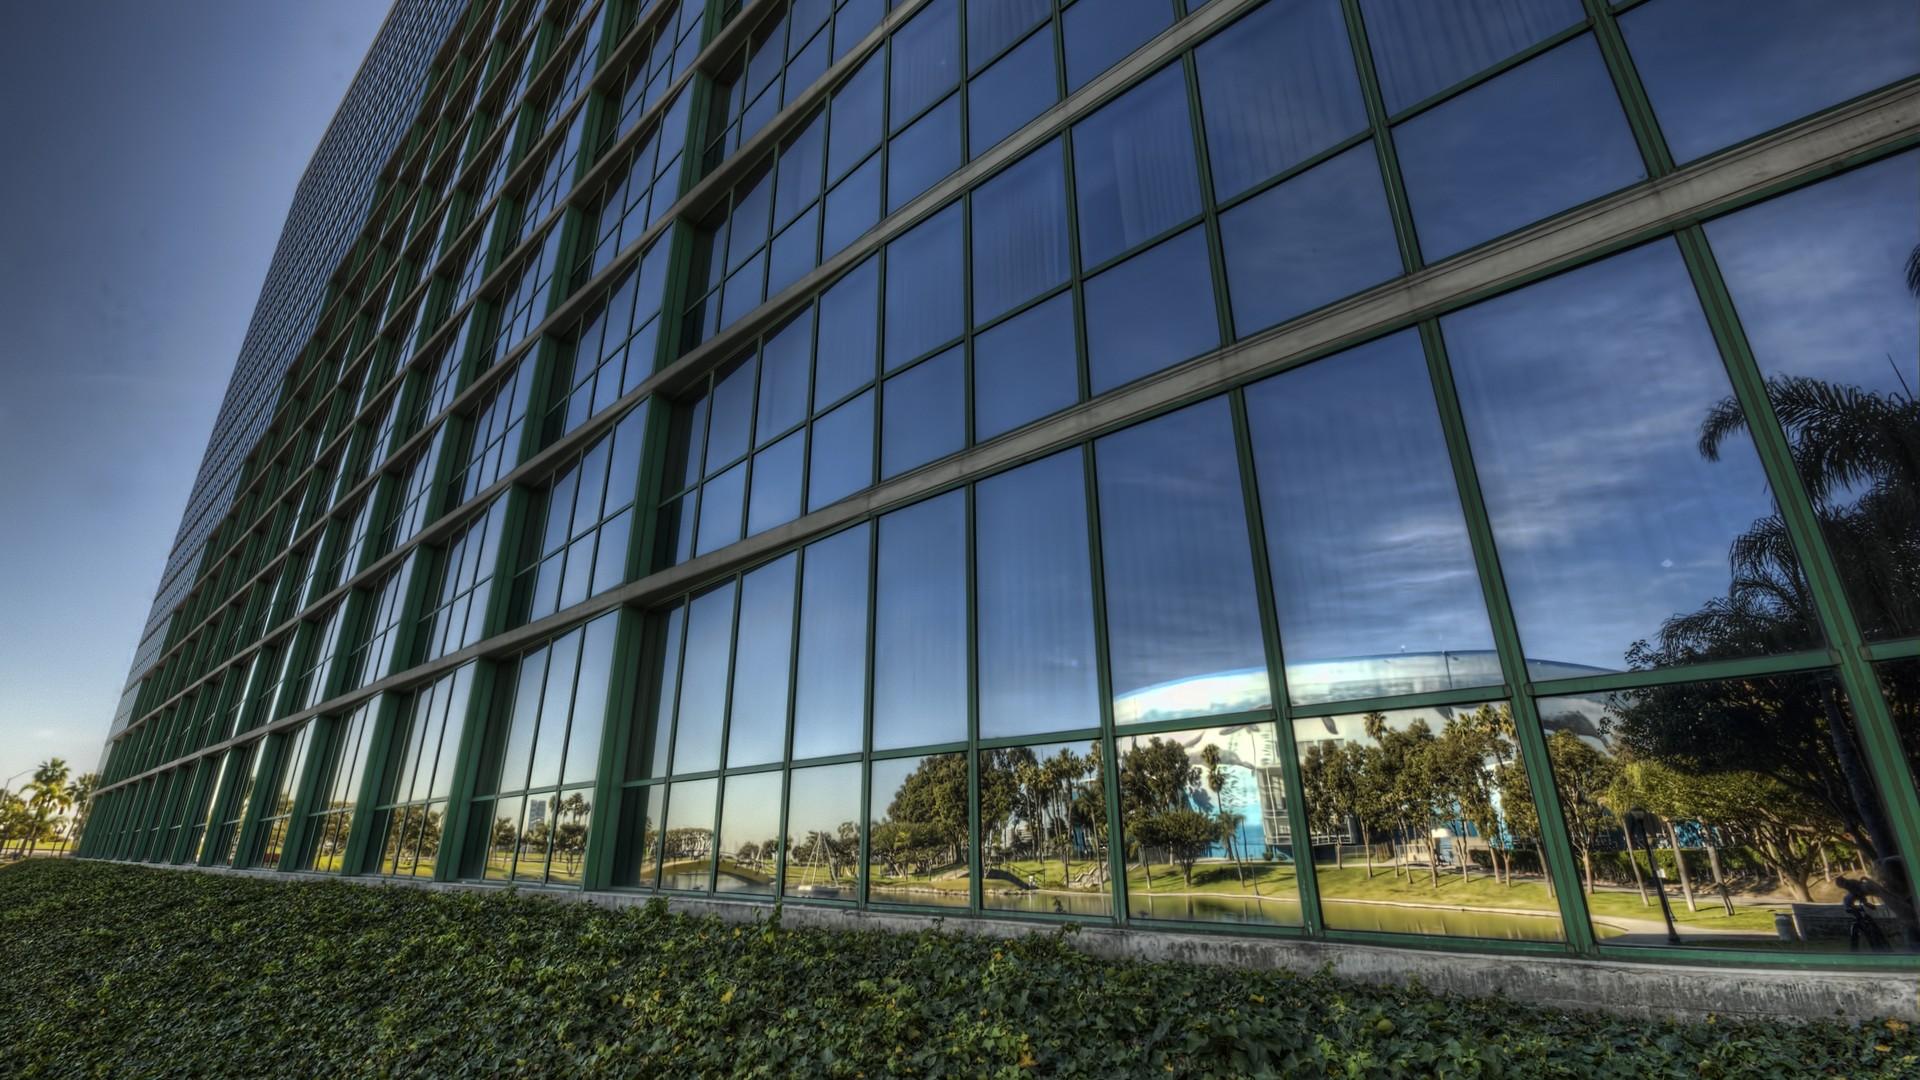 Framed buildings